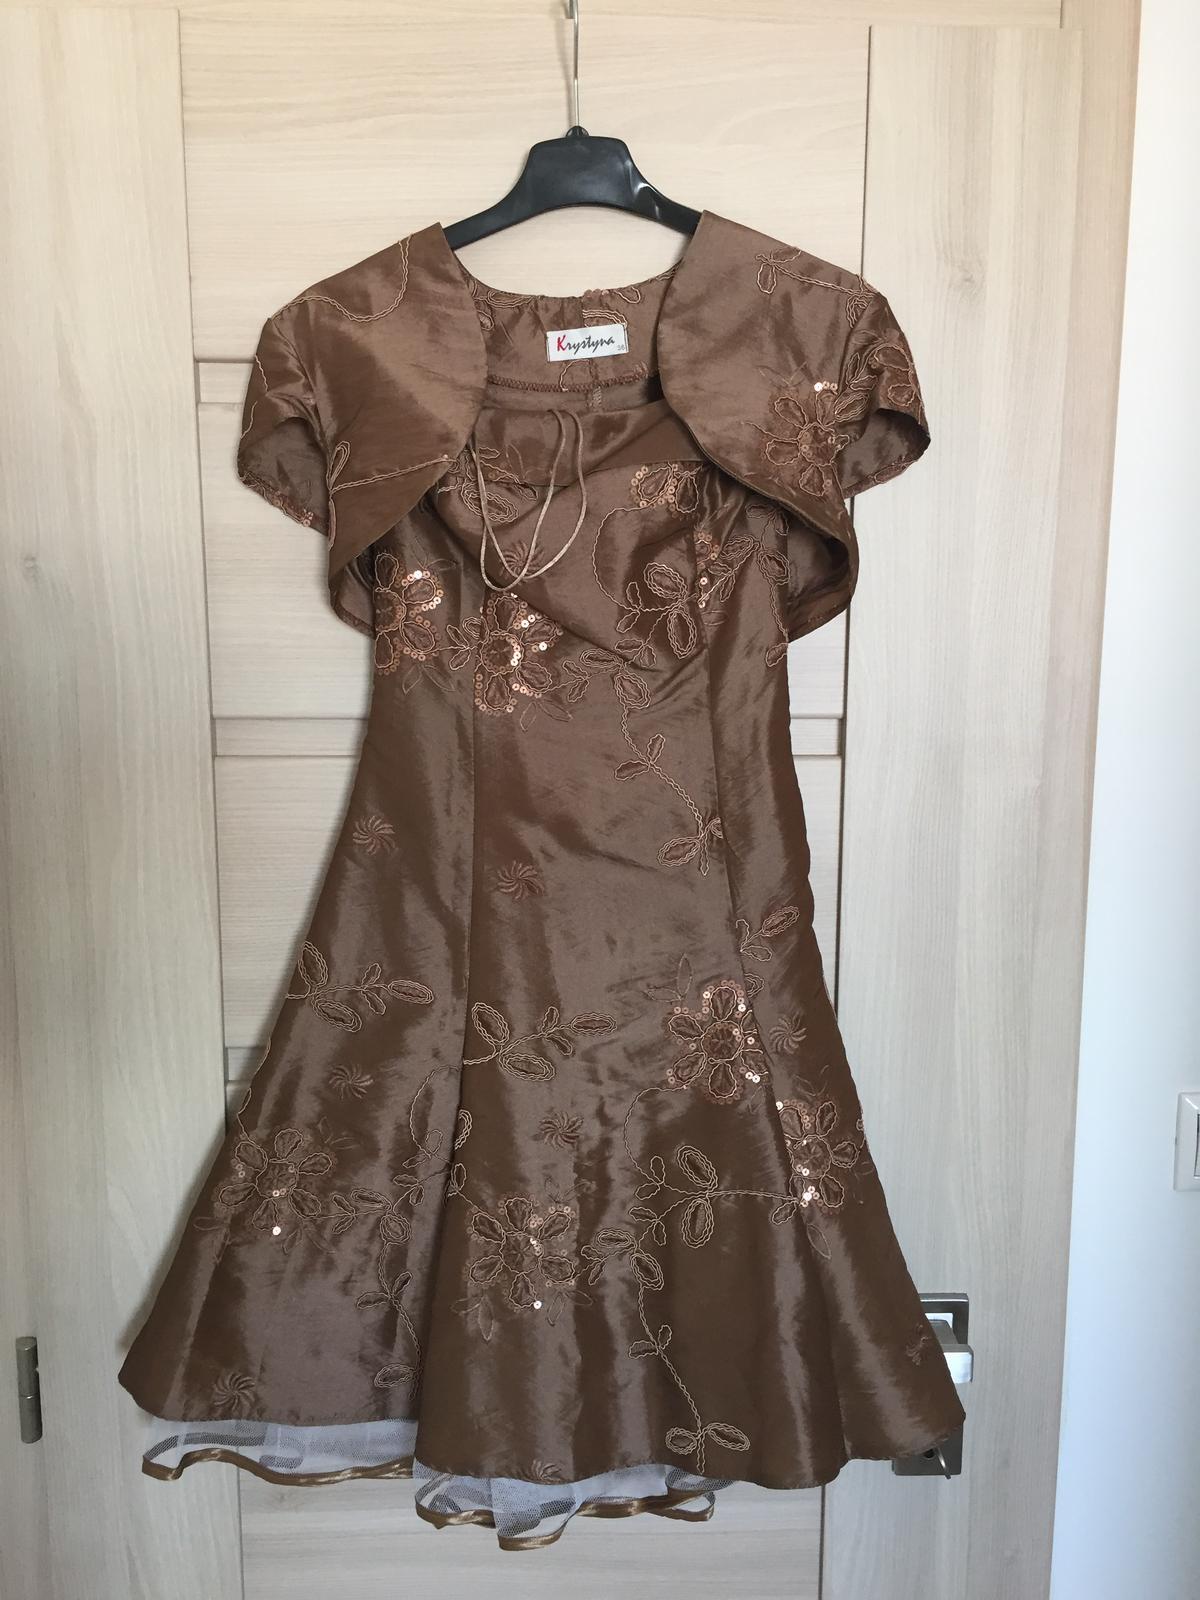 Spoločenské šaty s bolerkom, veľ. 36 - Obrázok č. 1